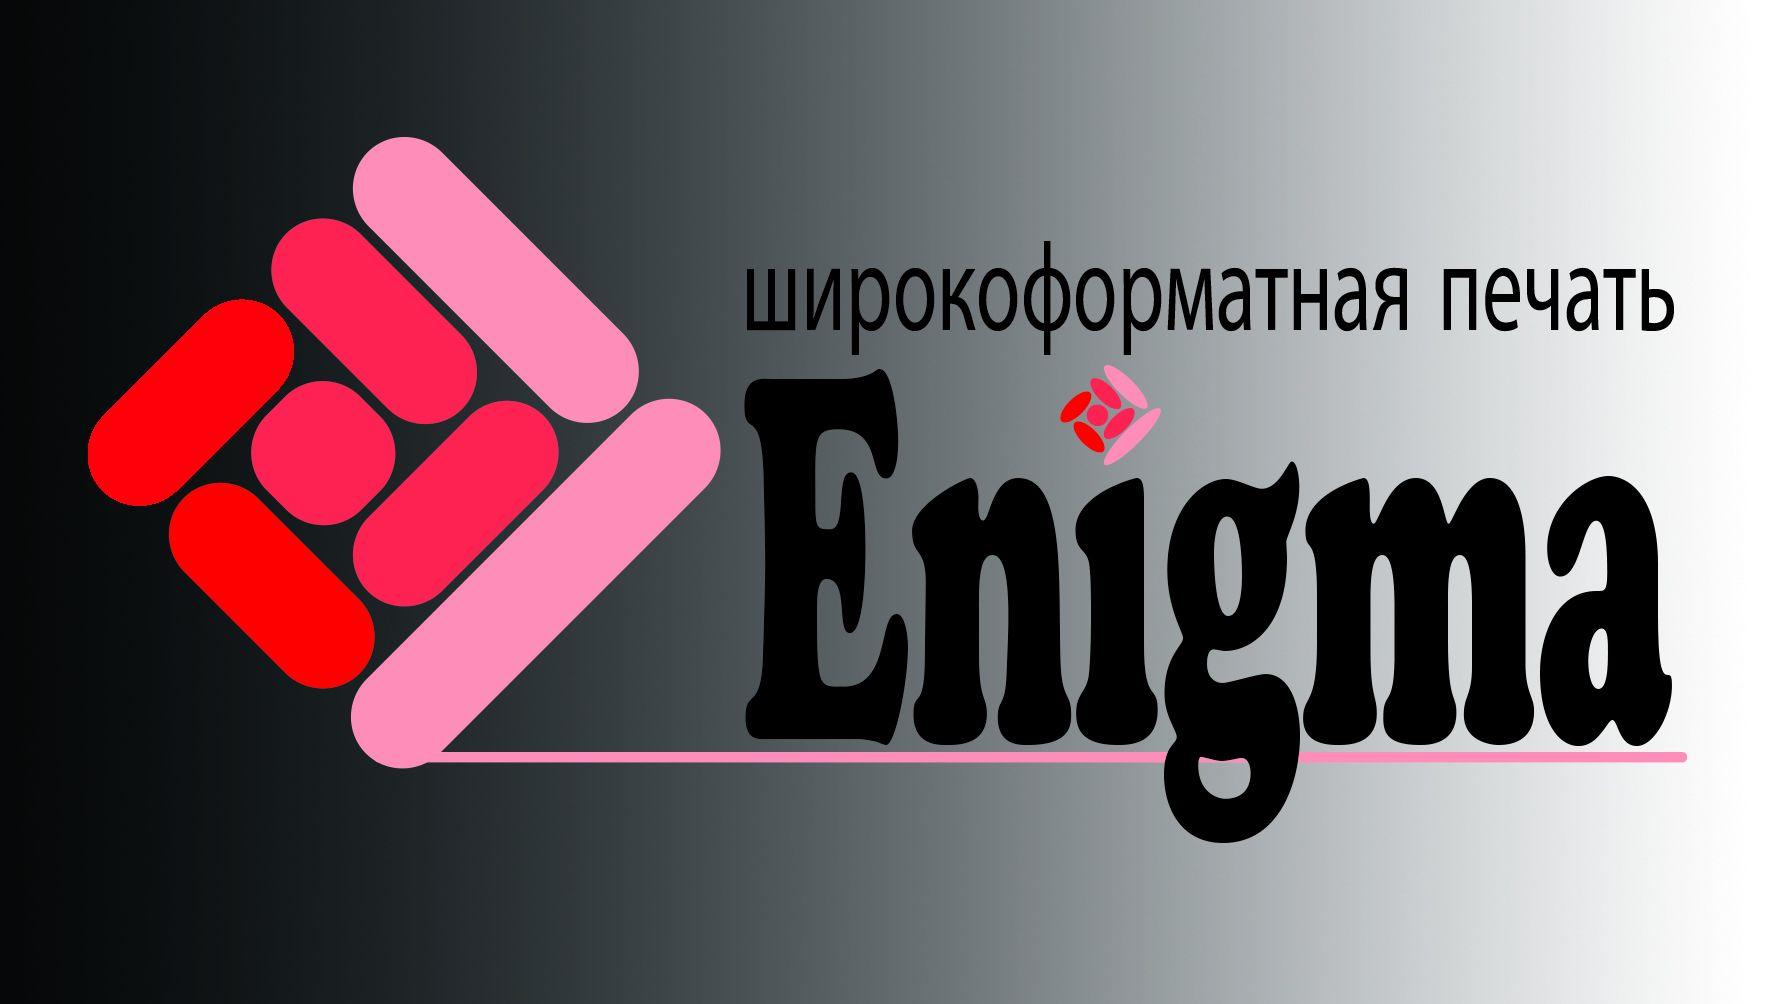 Логотип и фирмстиль для Enigma - дизайнер velo